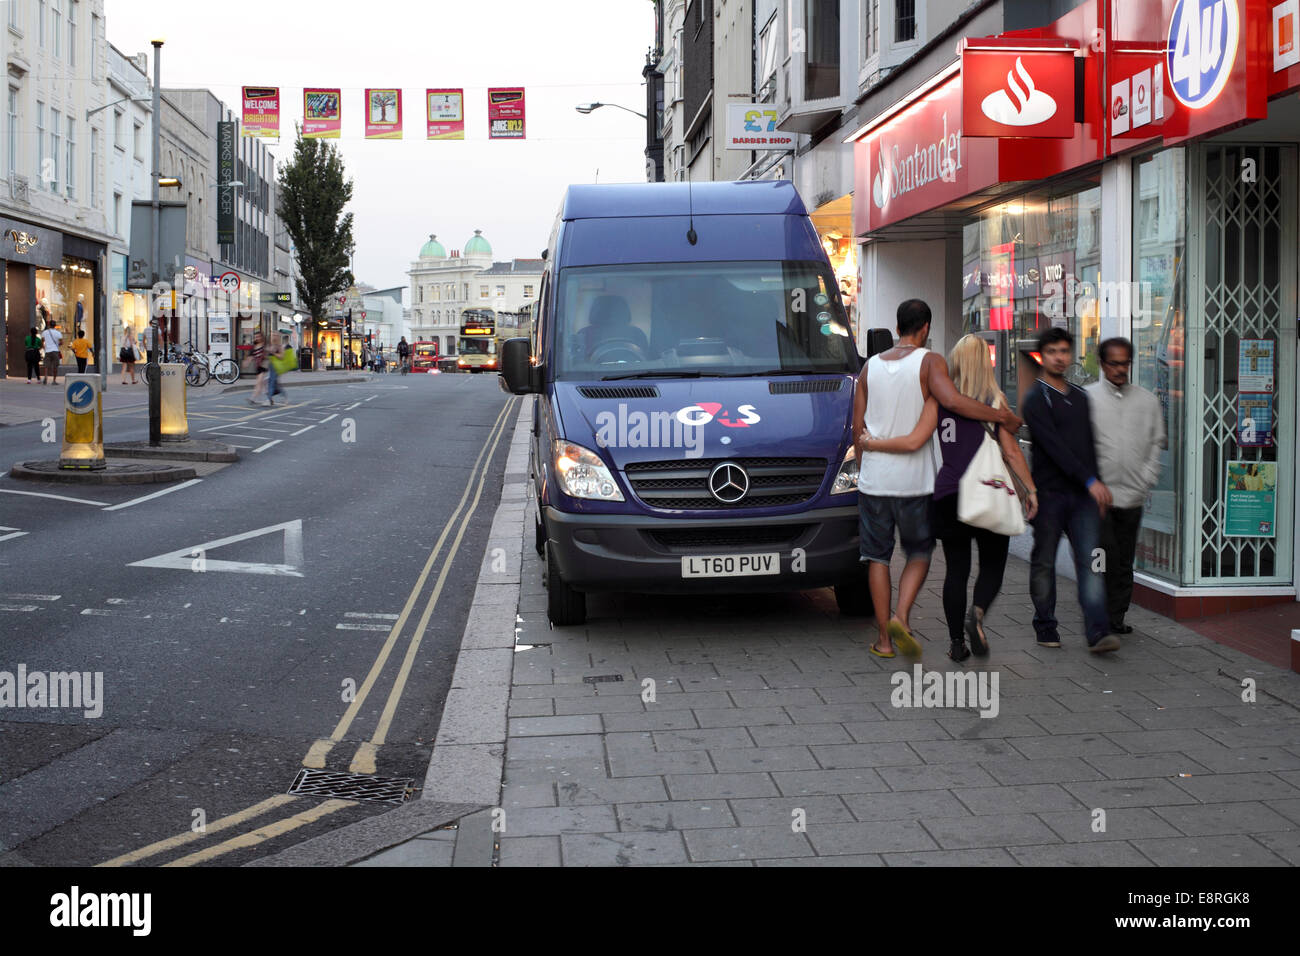 Cómo molestar a los peatones! Una camioneta estacionada en seguridad - y obstruyendo - el pavimento en Western Imagen De Stock